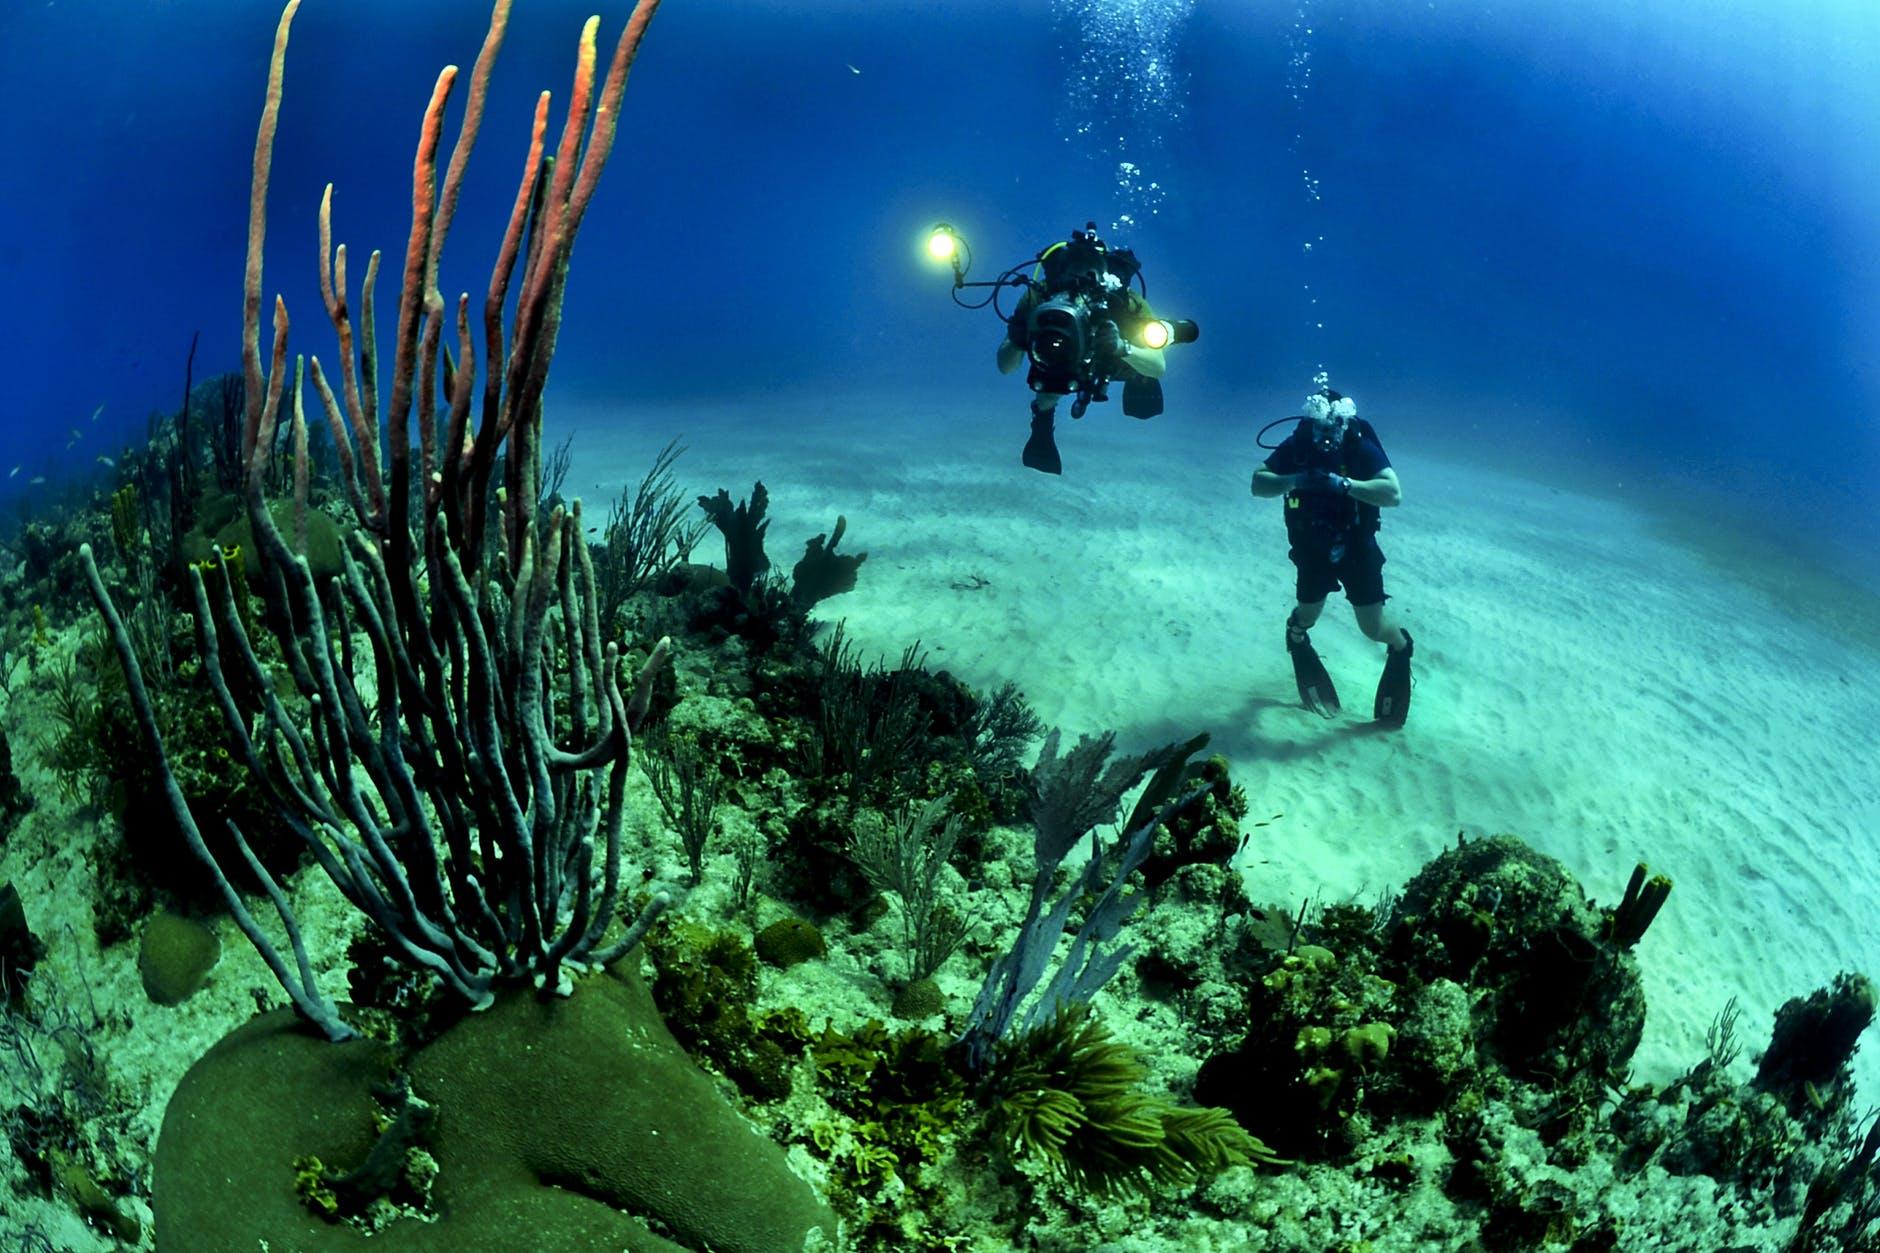 A Waikiki Oahu Scuba Diving Guide